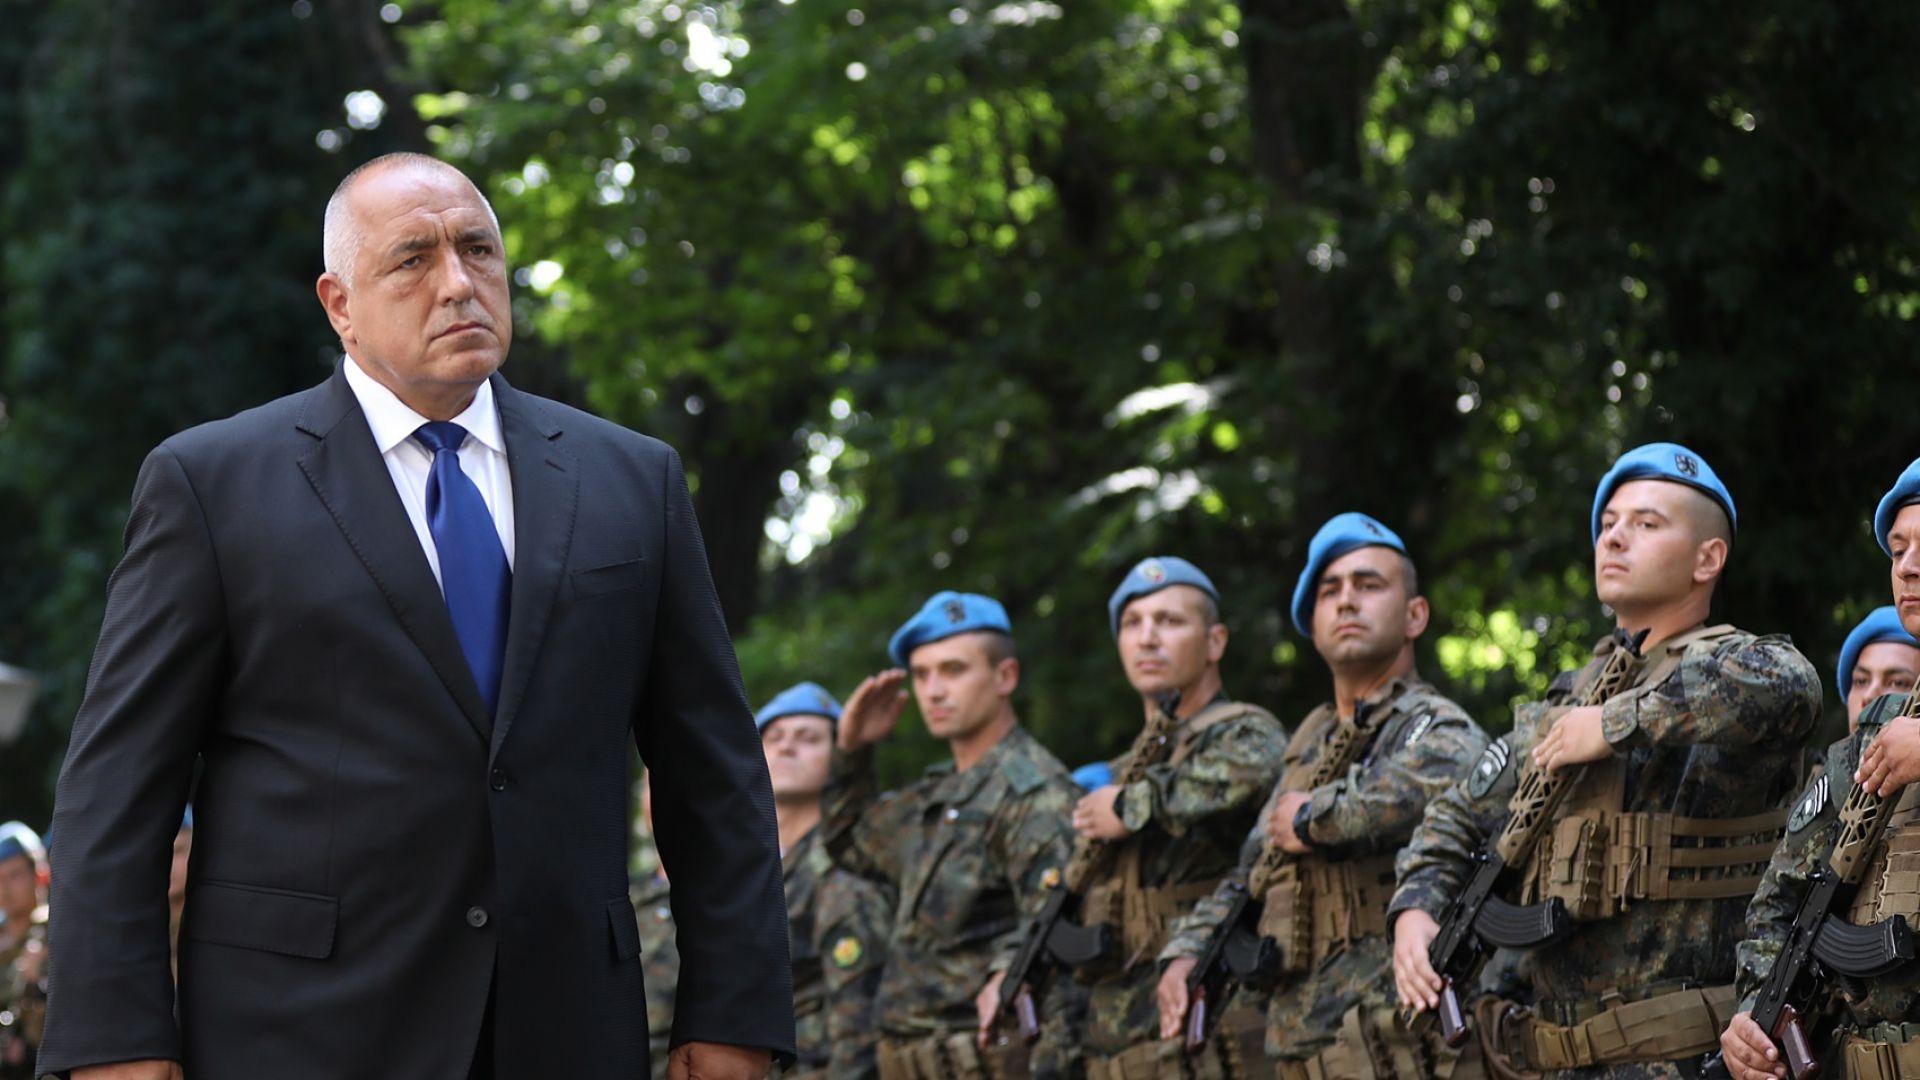 Борисов връчи бойното знаме на Командването на спецоперациите: Разчитаме най-много на тях! (видео)